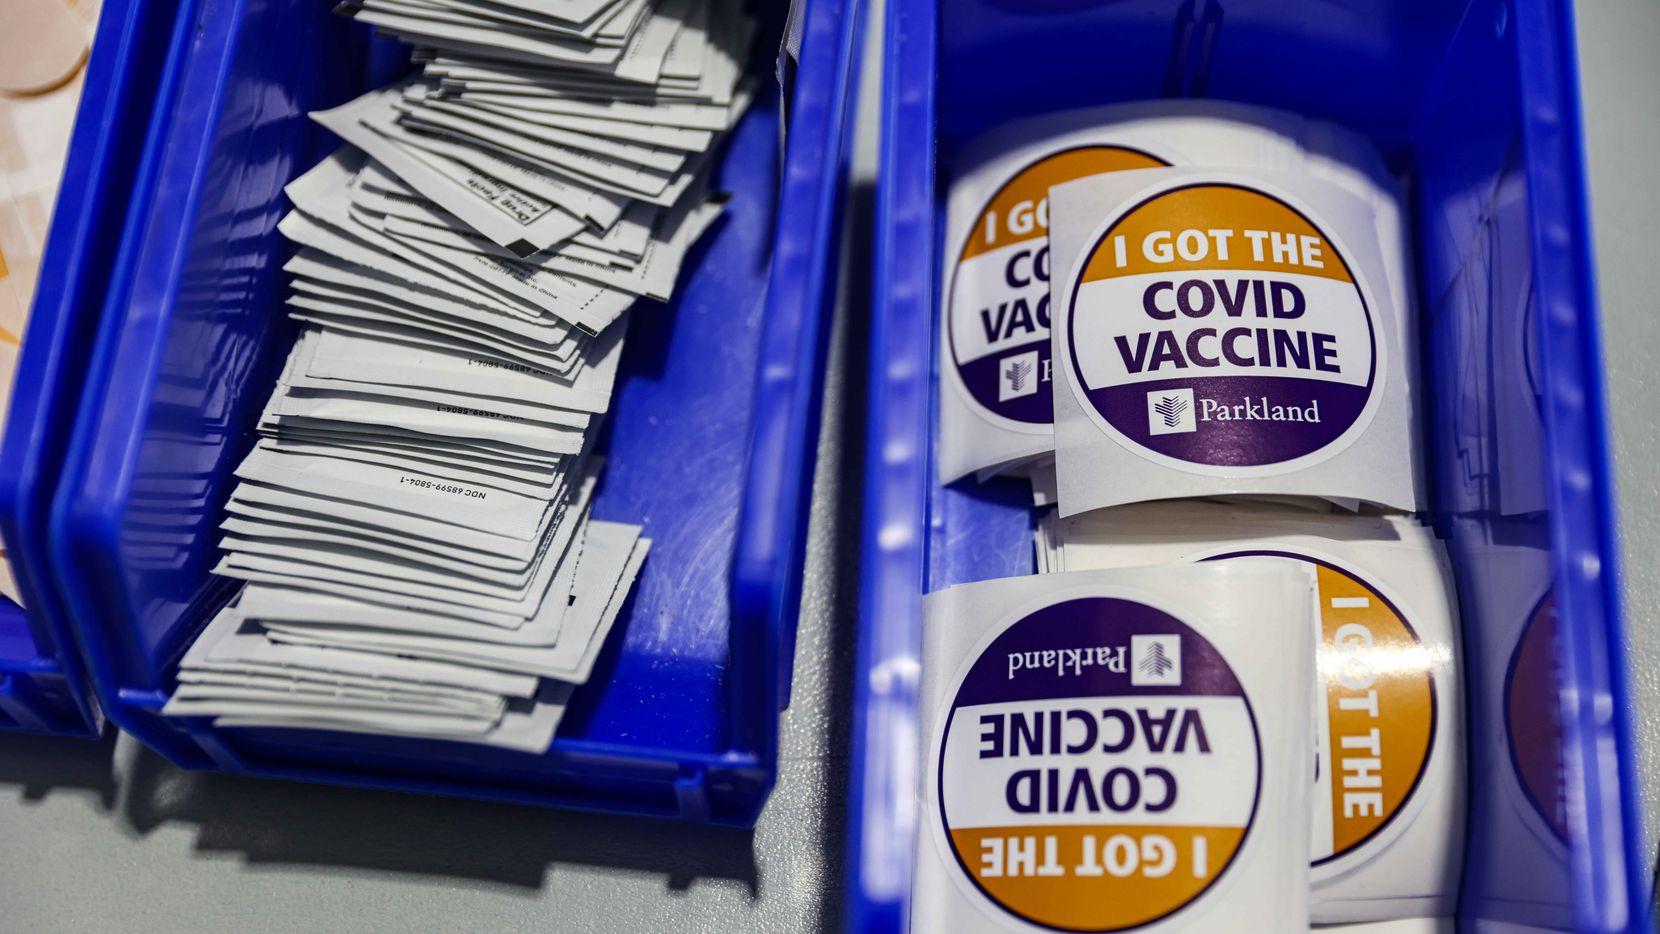 Más de 255,000 personas se han vacunado dentro del programa de Parkland que cuenta con un centro drive-thru en Ellis Field House.